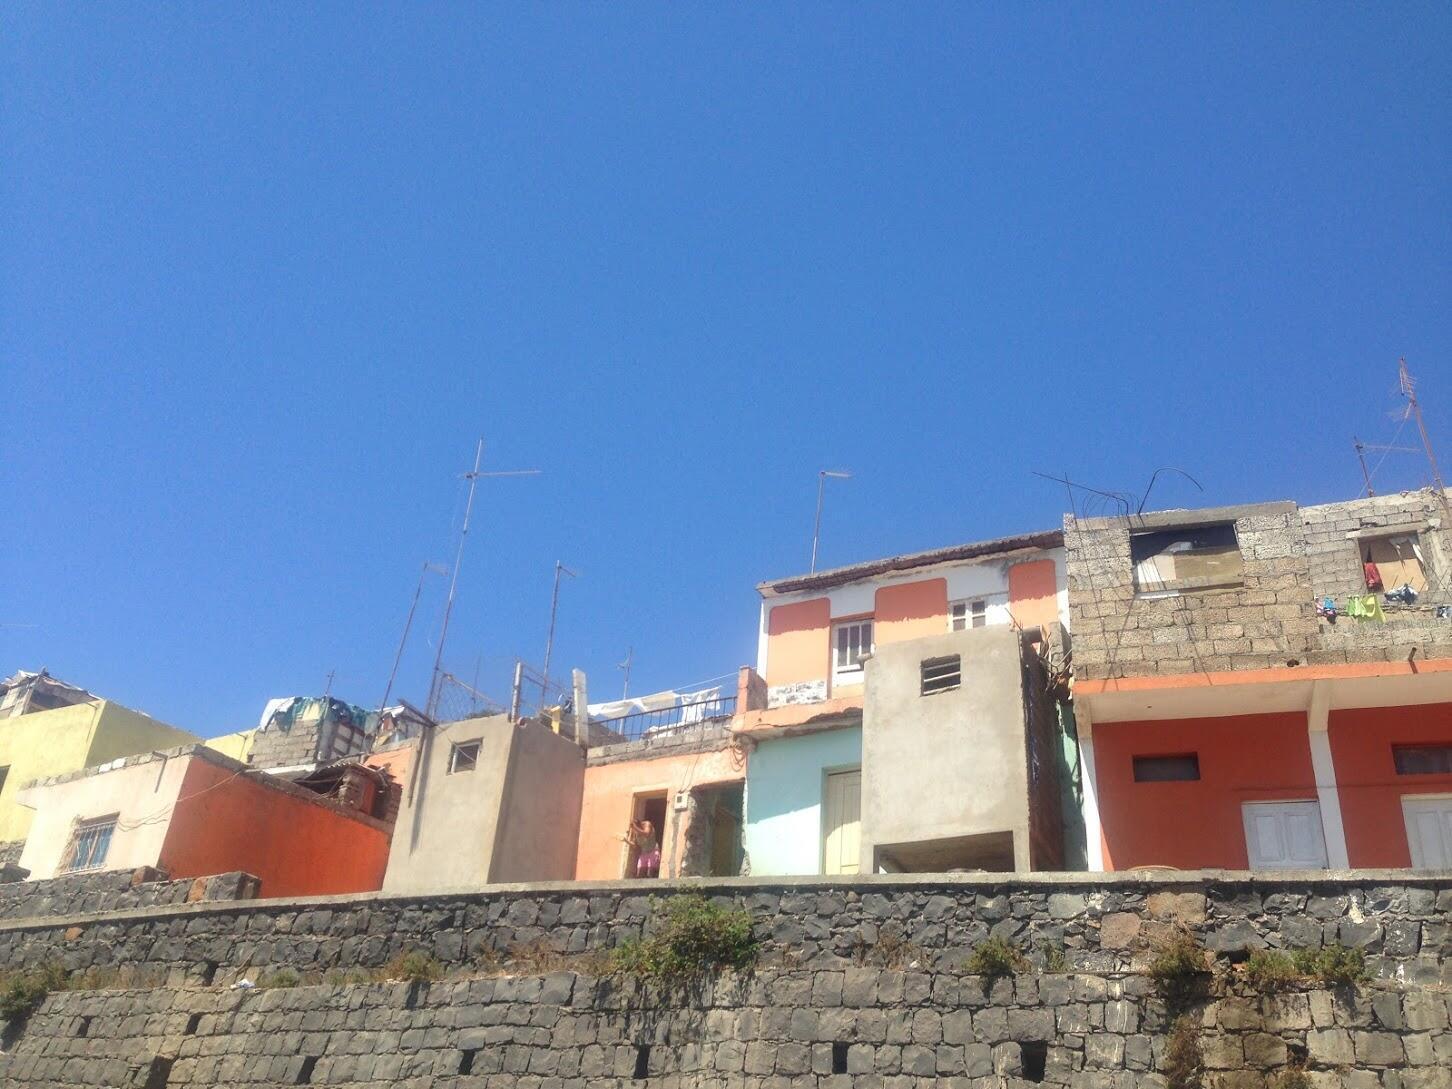 Cidade da Praia, Cabo Verde, que continua a viver com problemas sociais como habitação e pobreza extrema